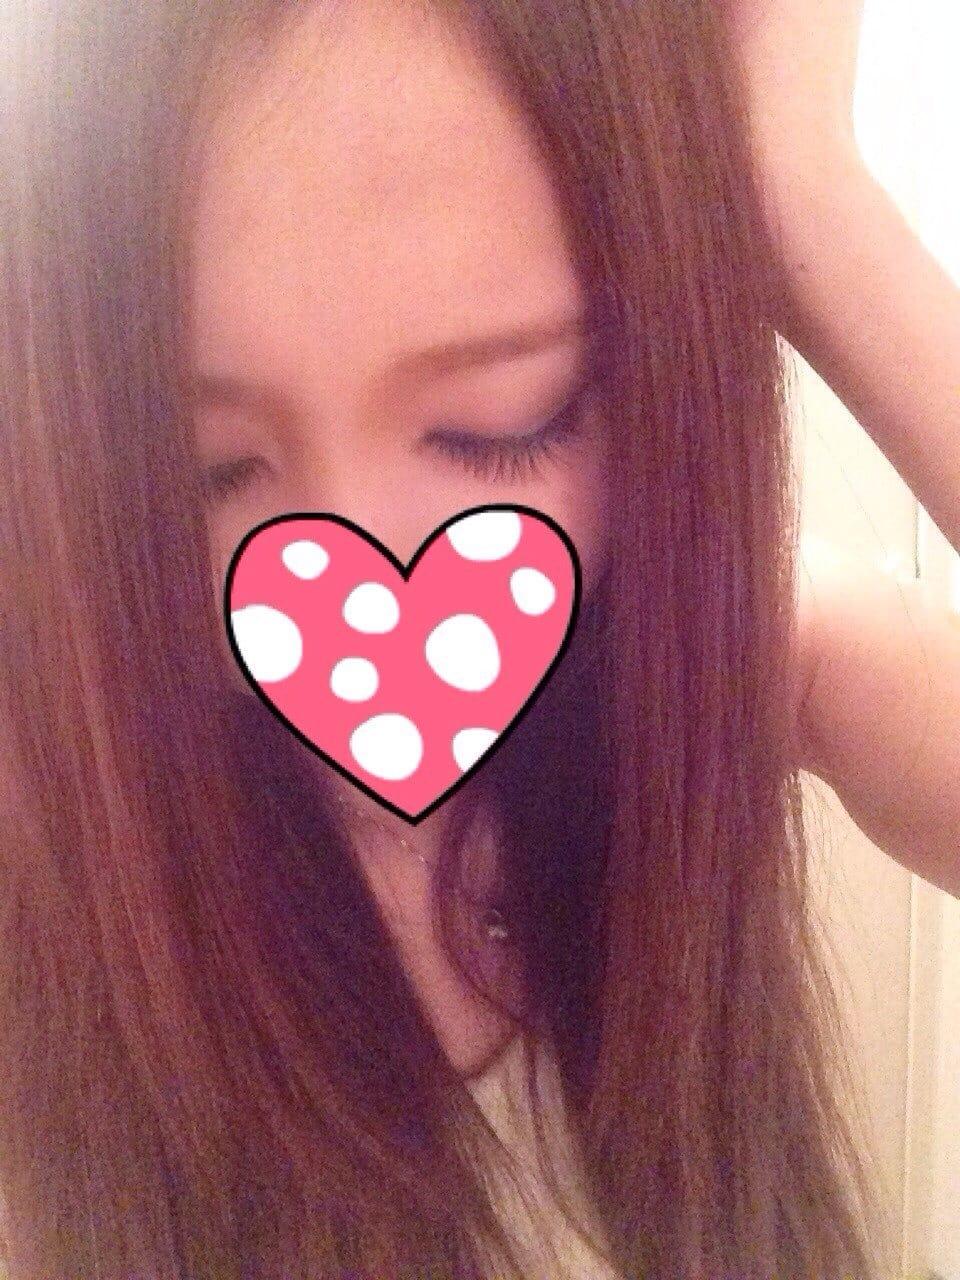 サリナ「おれいっ」12/12(火) 01:16 | サリナの写メ・風俗動画